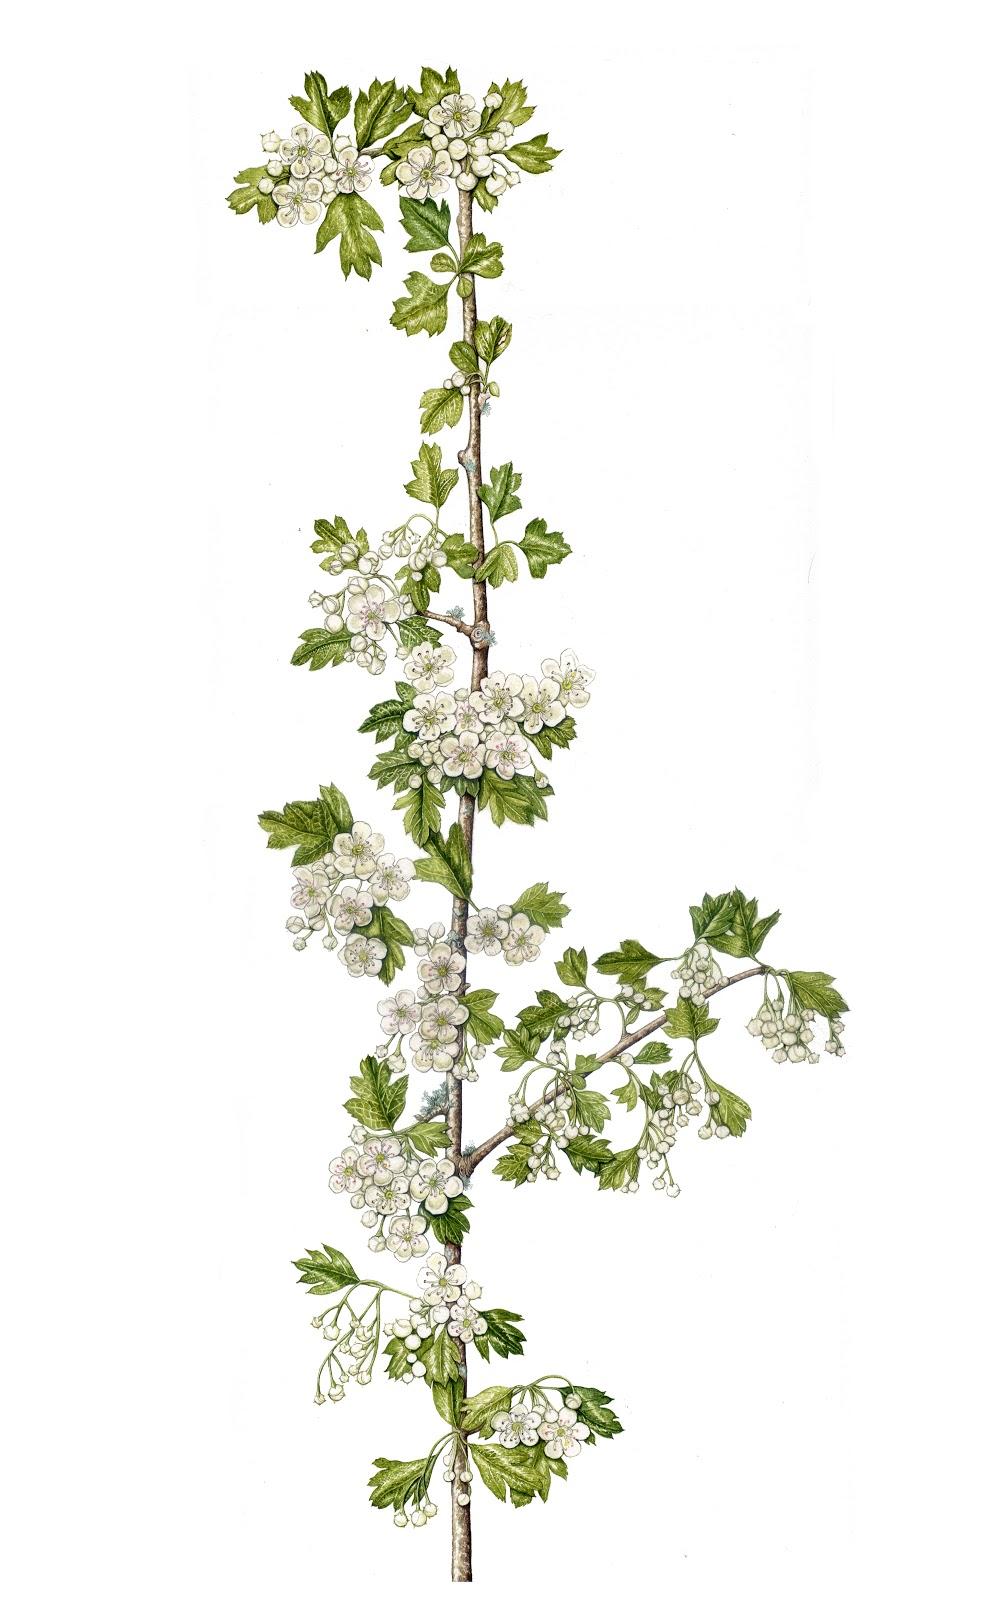 dessins botaniques l 39 aub pine est en fleurs. Black Bedroom Furniture Sets. Home Design Ideas